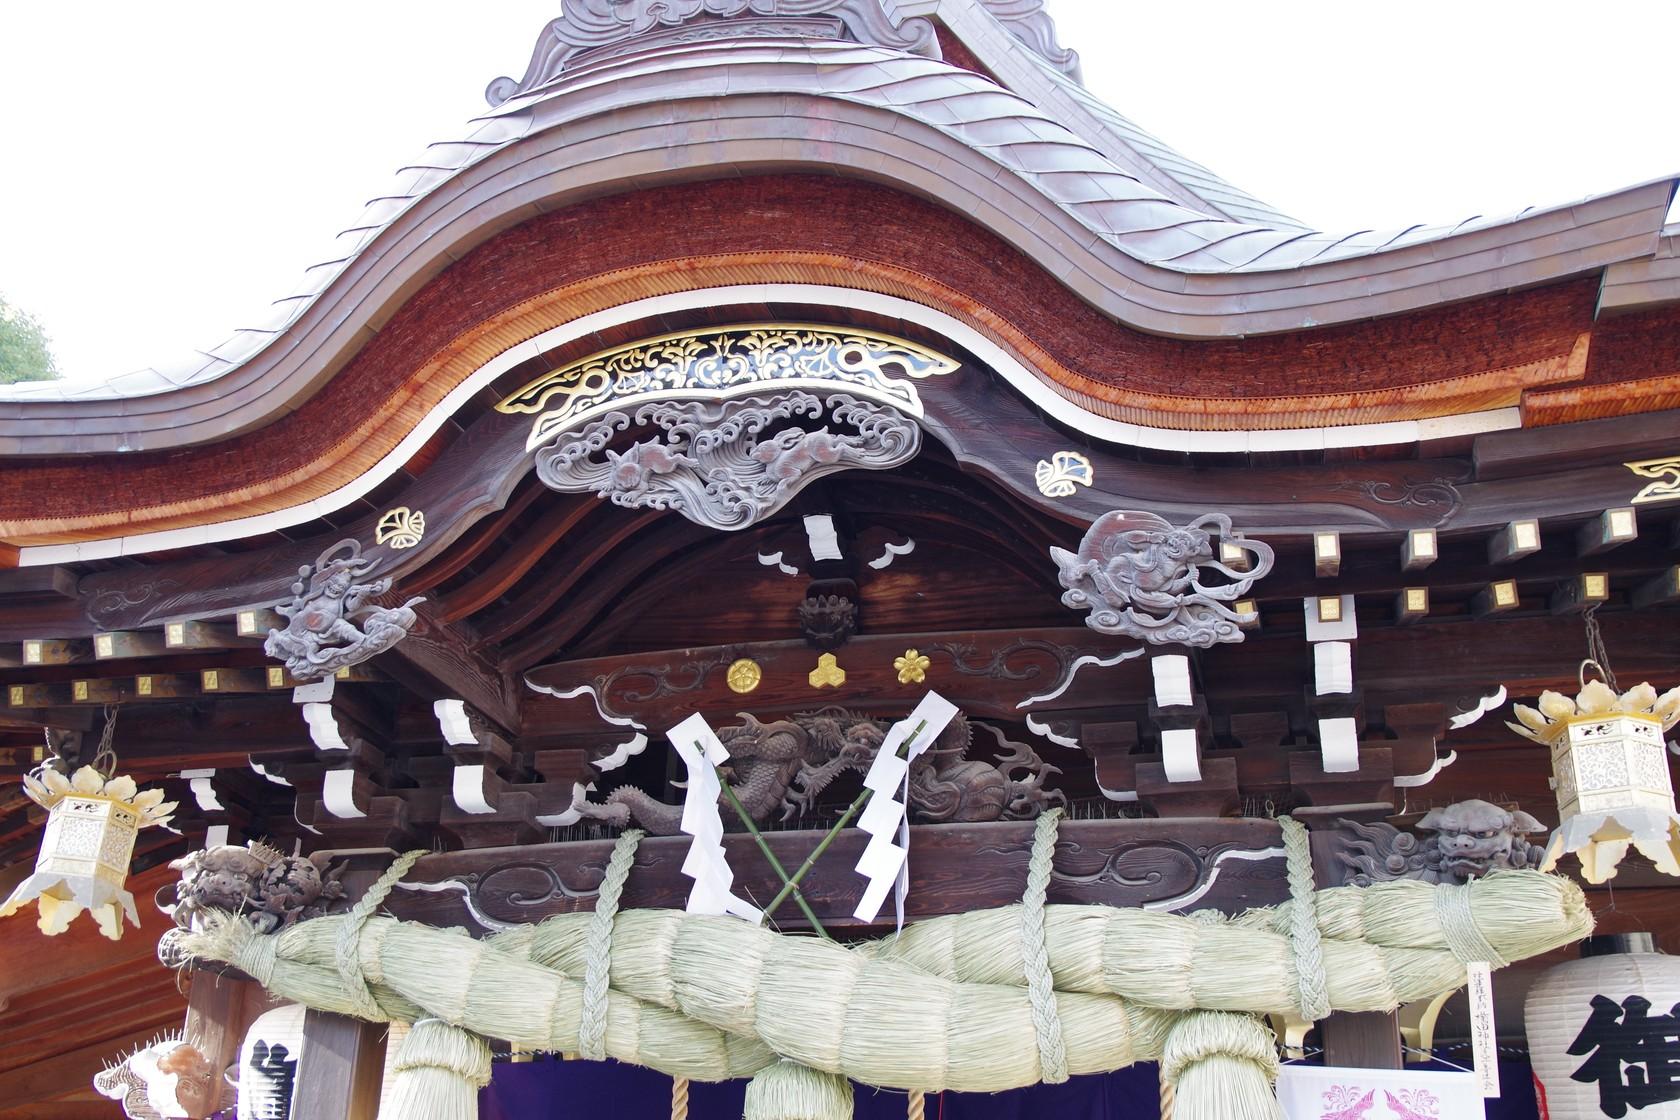 櫛田神社大殿屋簷下的風神、雷神㓮刻